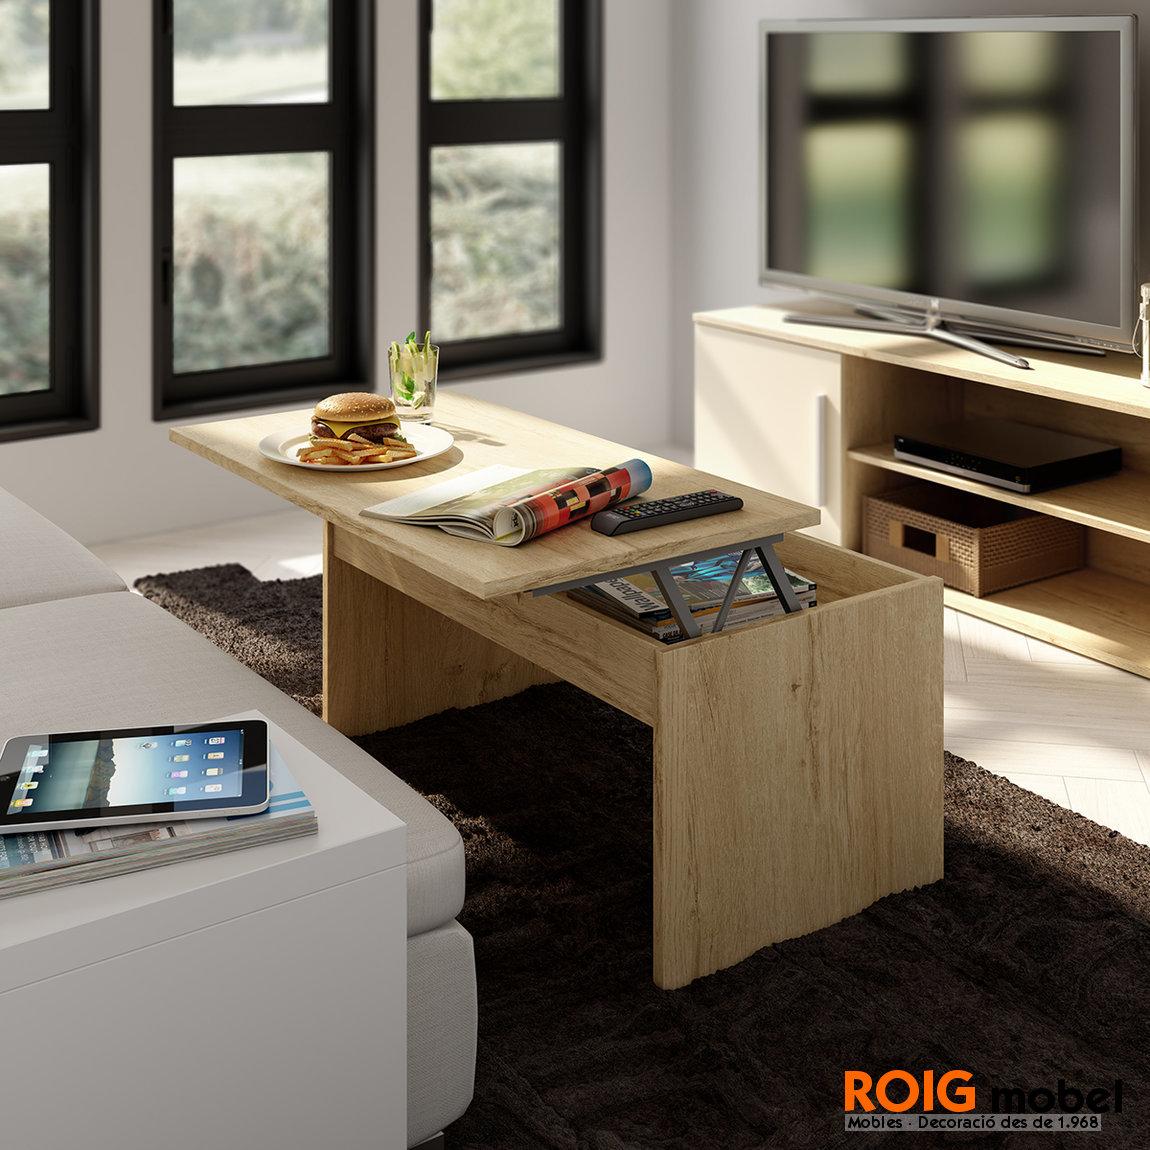 2 1 Muebles De Comedor Muebles De Comedor Catalogo # Muebles Roig Granollers